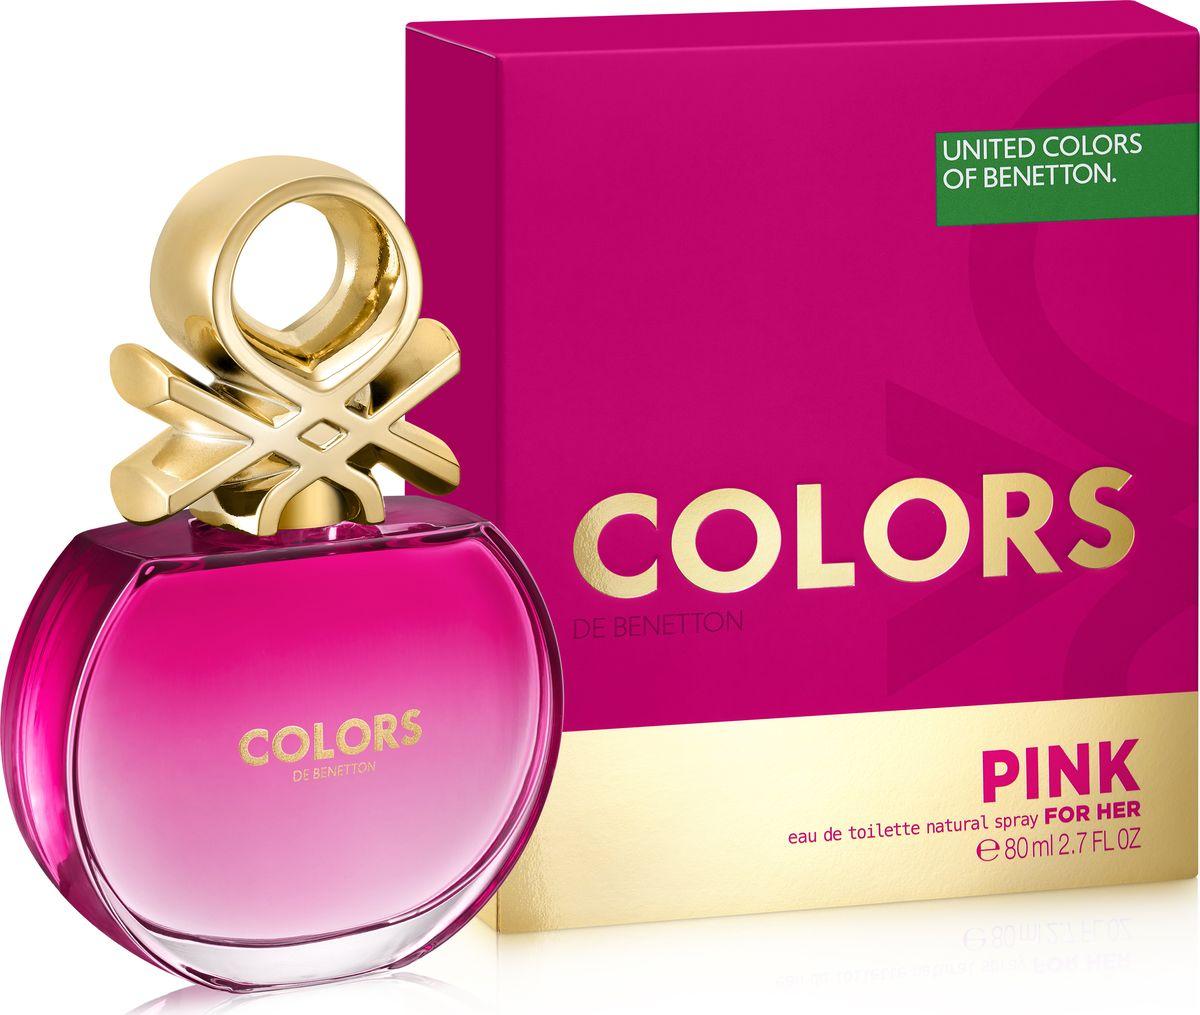 Benetton Colors Pink Туалетная вода женская 80 мл65107429Богатый аромат розы увлекает нас в соблазнительное, женственное цветочное сердце аромата, которое оттеняется освежающими и яркими верхними нотами итальянских цитрусов и маракуйи, придающими игривость и искристость. В базе аромата роскошное трио: чувственная ваниль, бархатный мускус и завораживающие ноты пачули, раскрывают характер аромата, который приглашает нас радоваться ярким цветам вокруг.